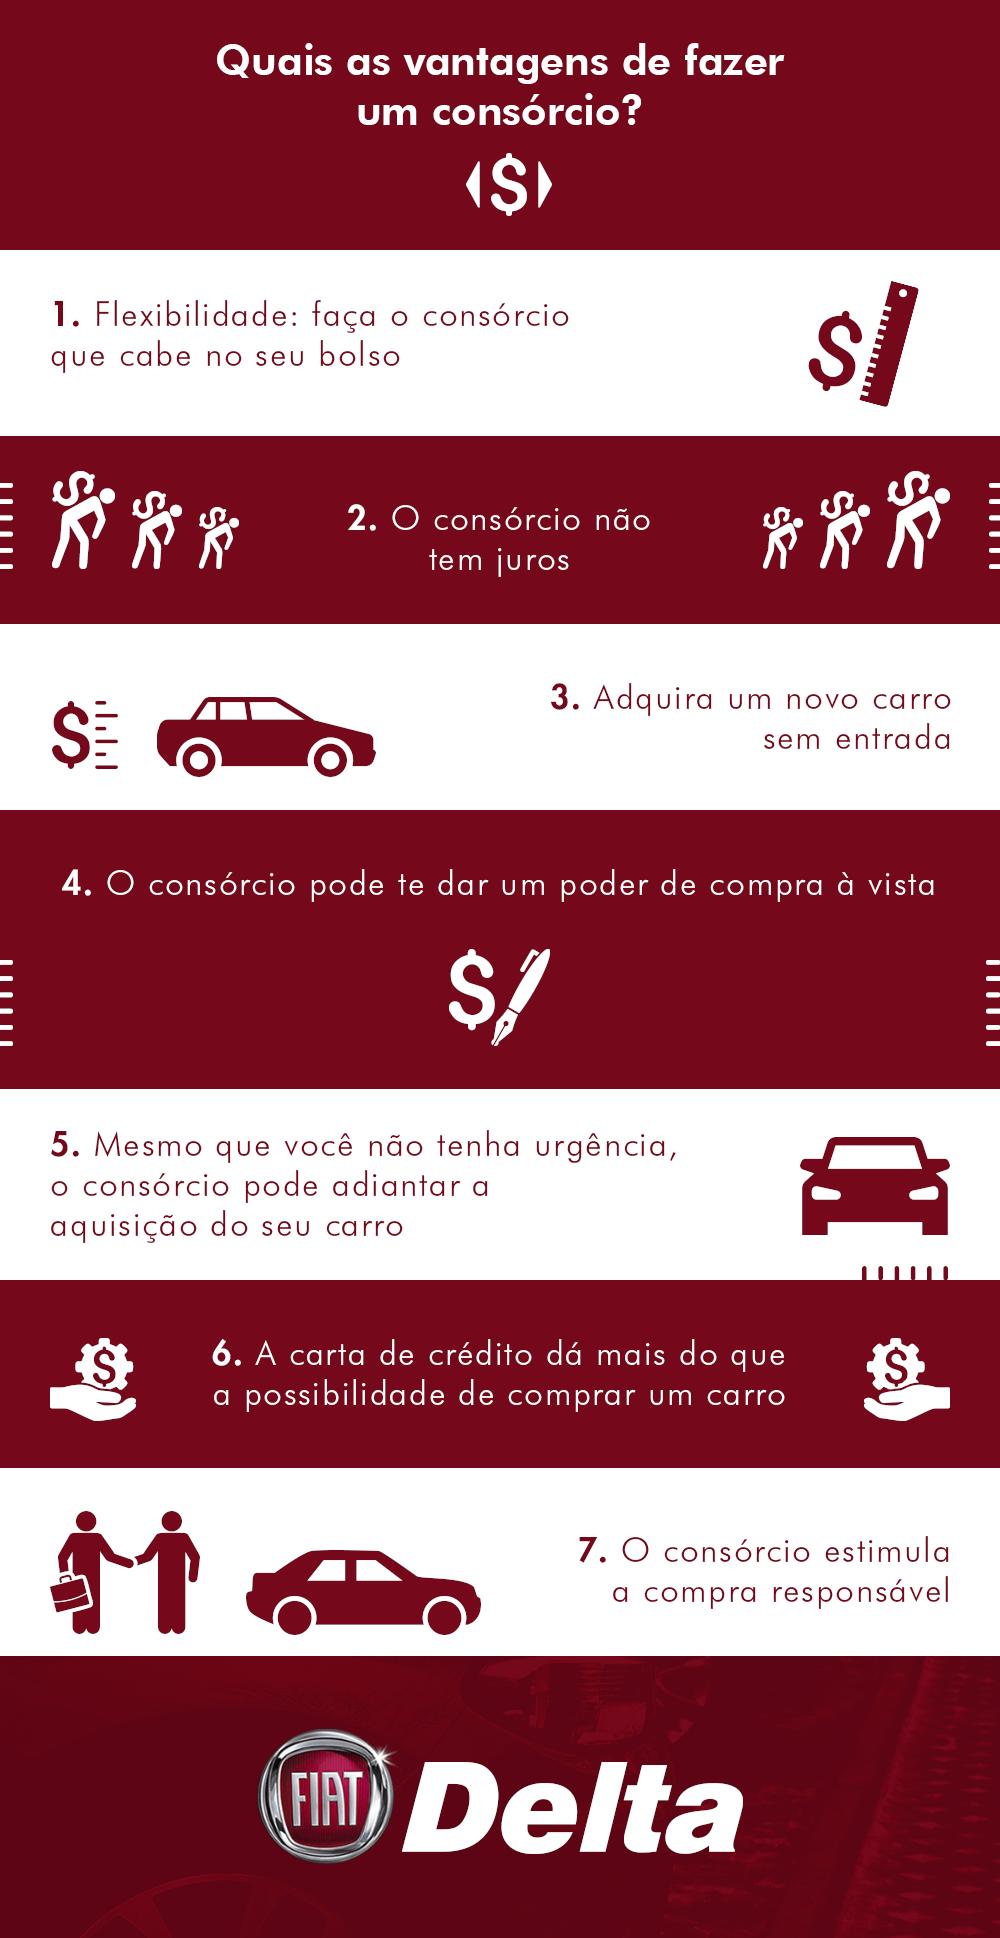 vantagens-consorcio